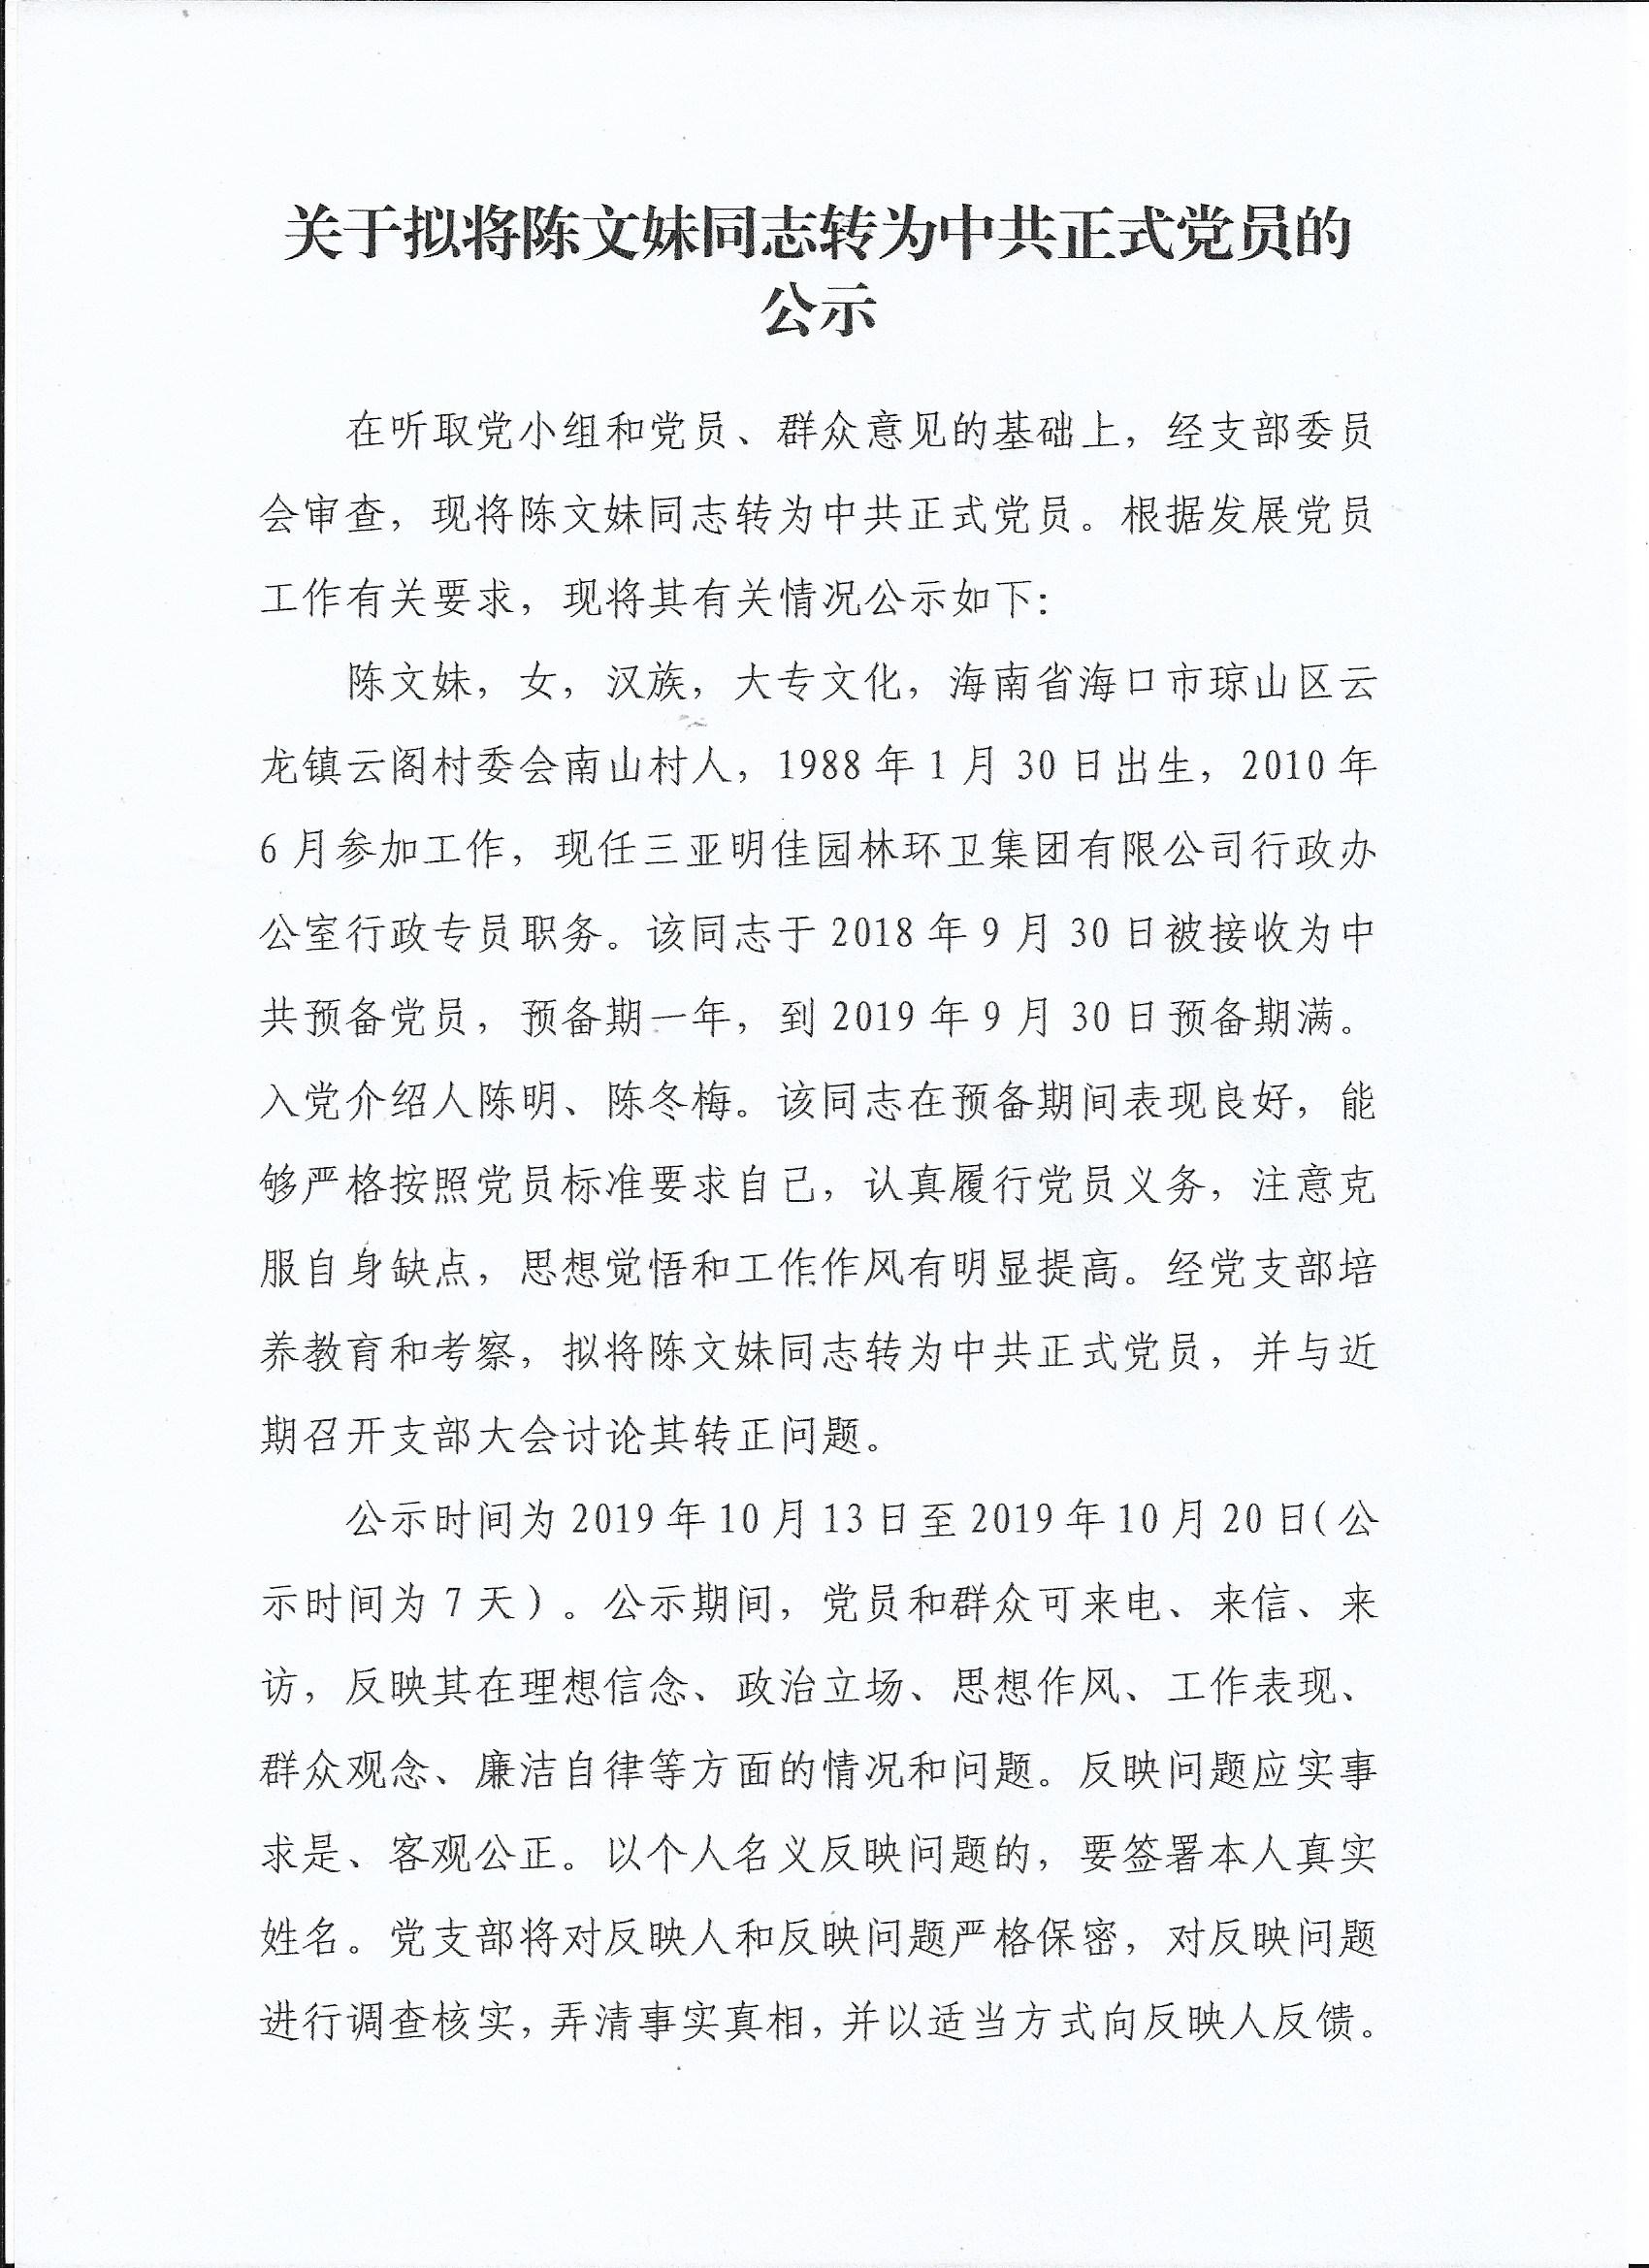 关于拟将陈文妹同志转为中共正式党员的公示